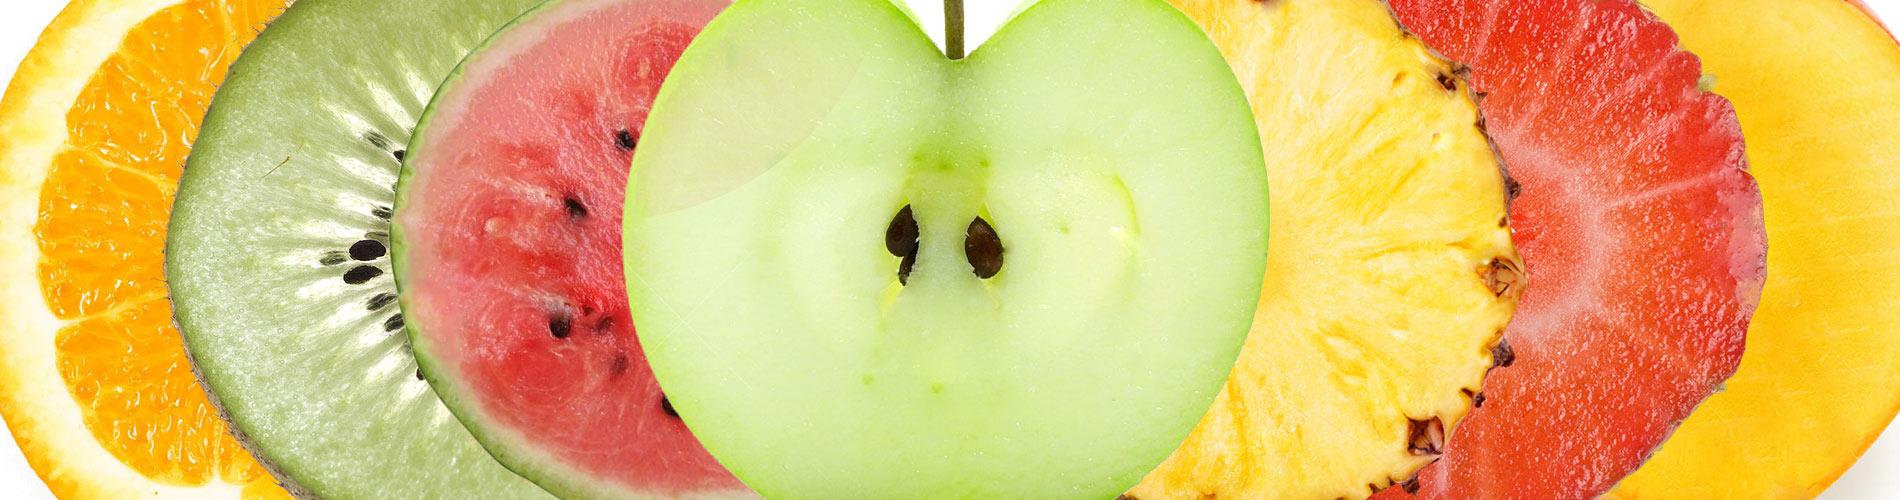 horeca-groothandel-groente